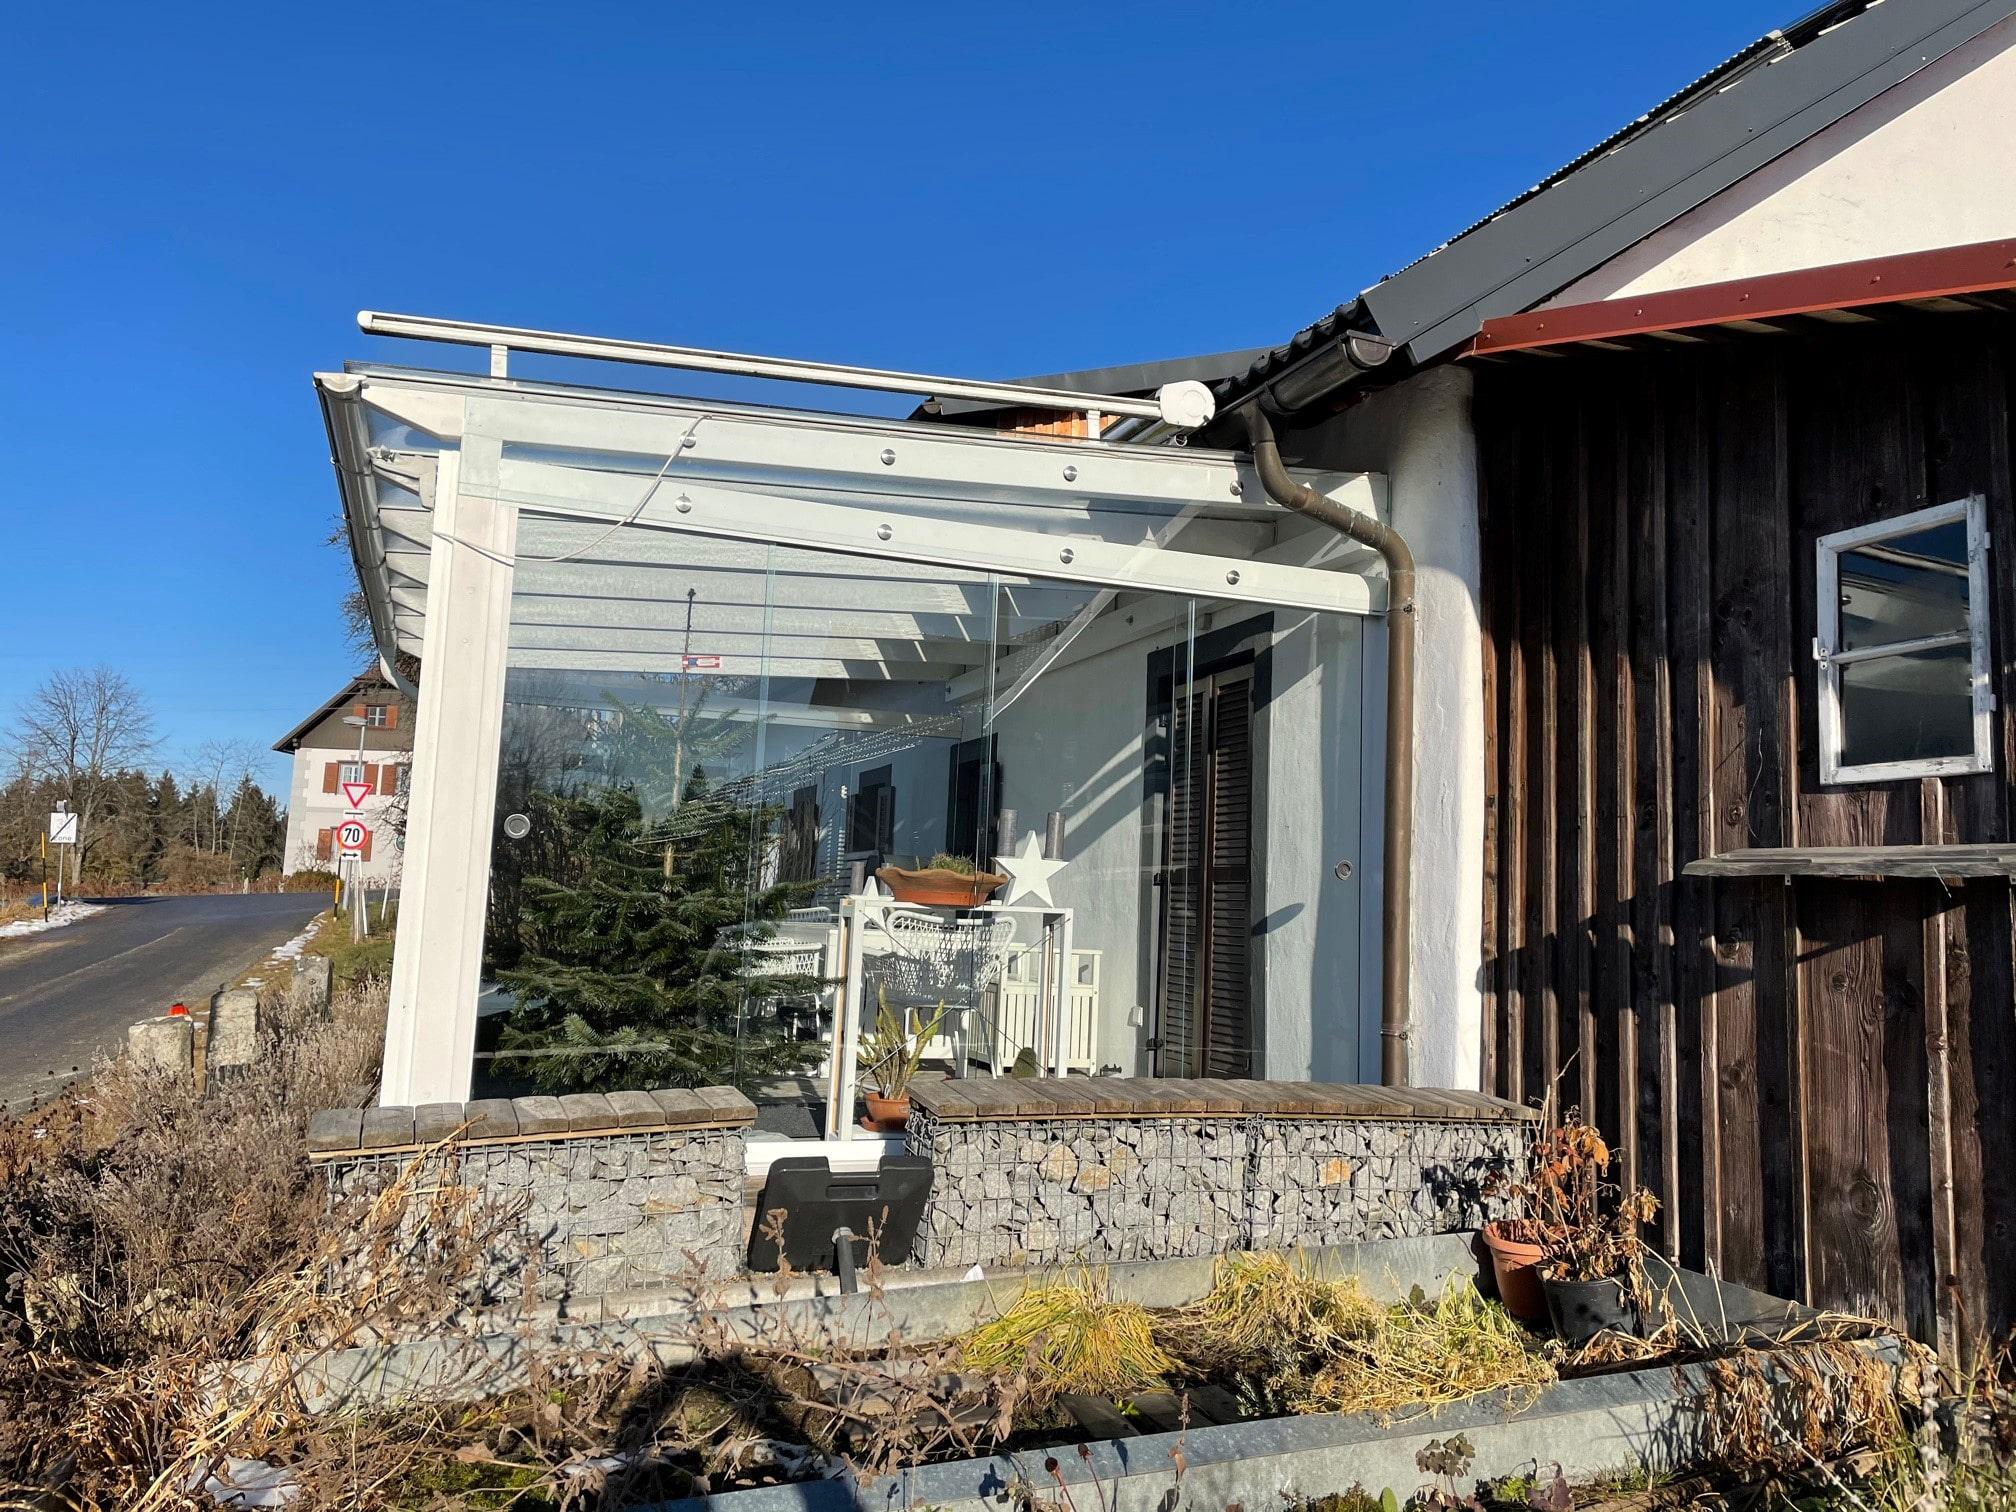 Bestehende Überdachung aus Holz mit Glas Seitenwänden schließen